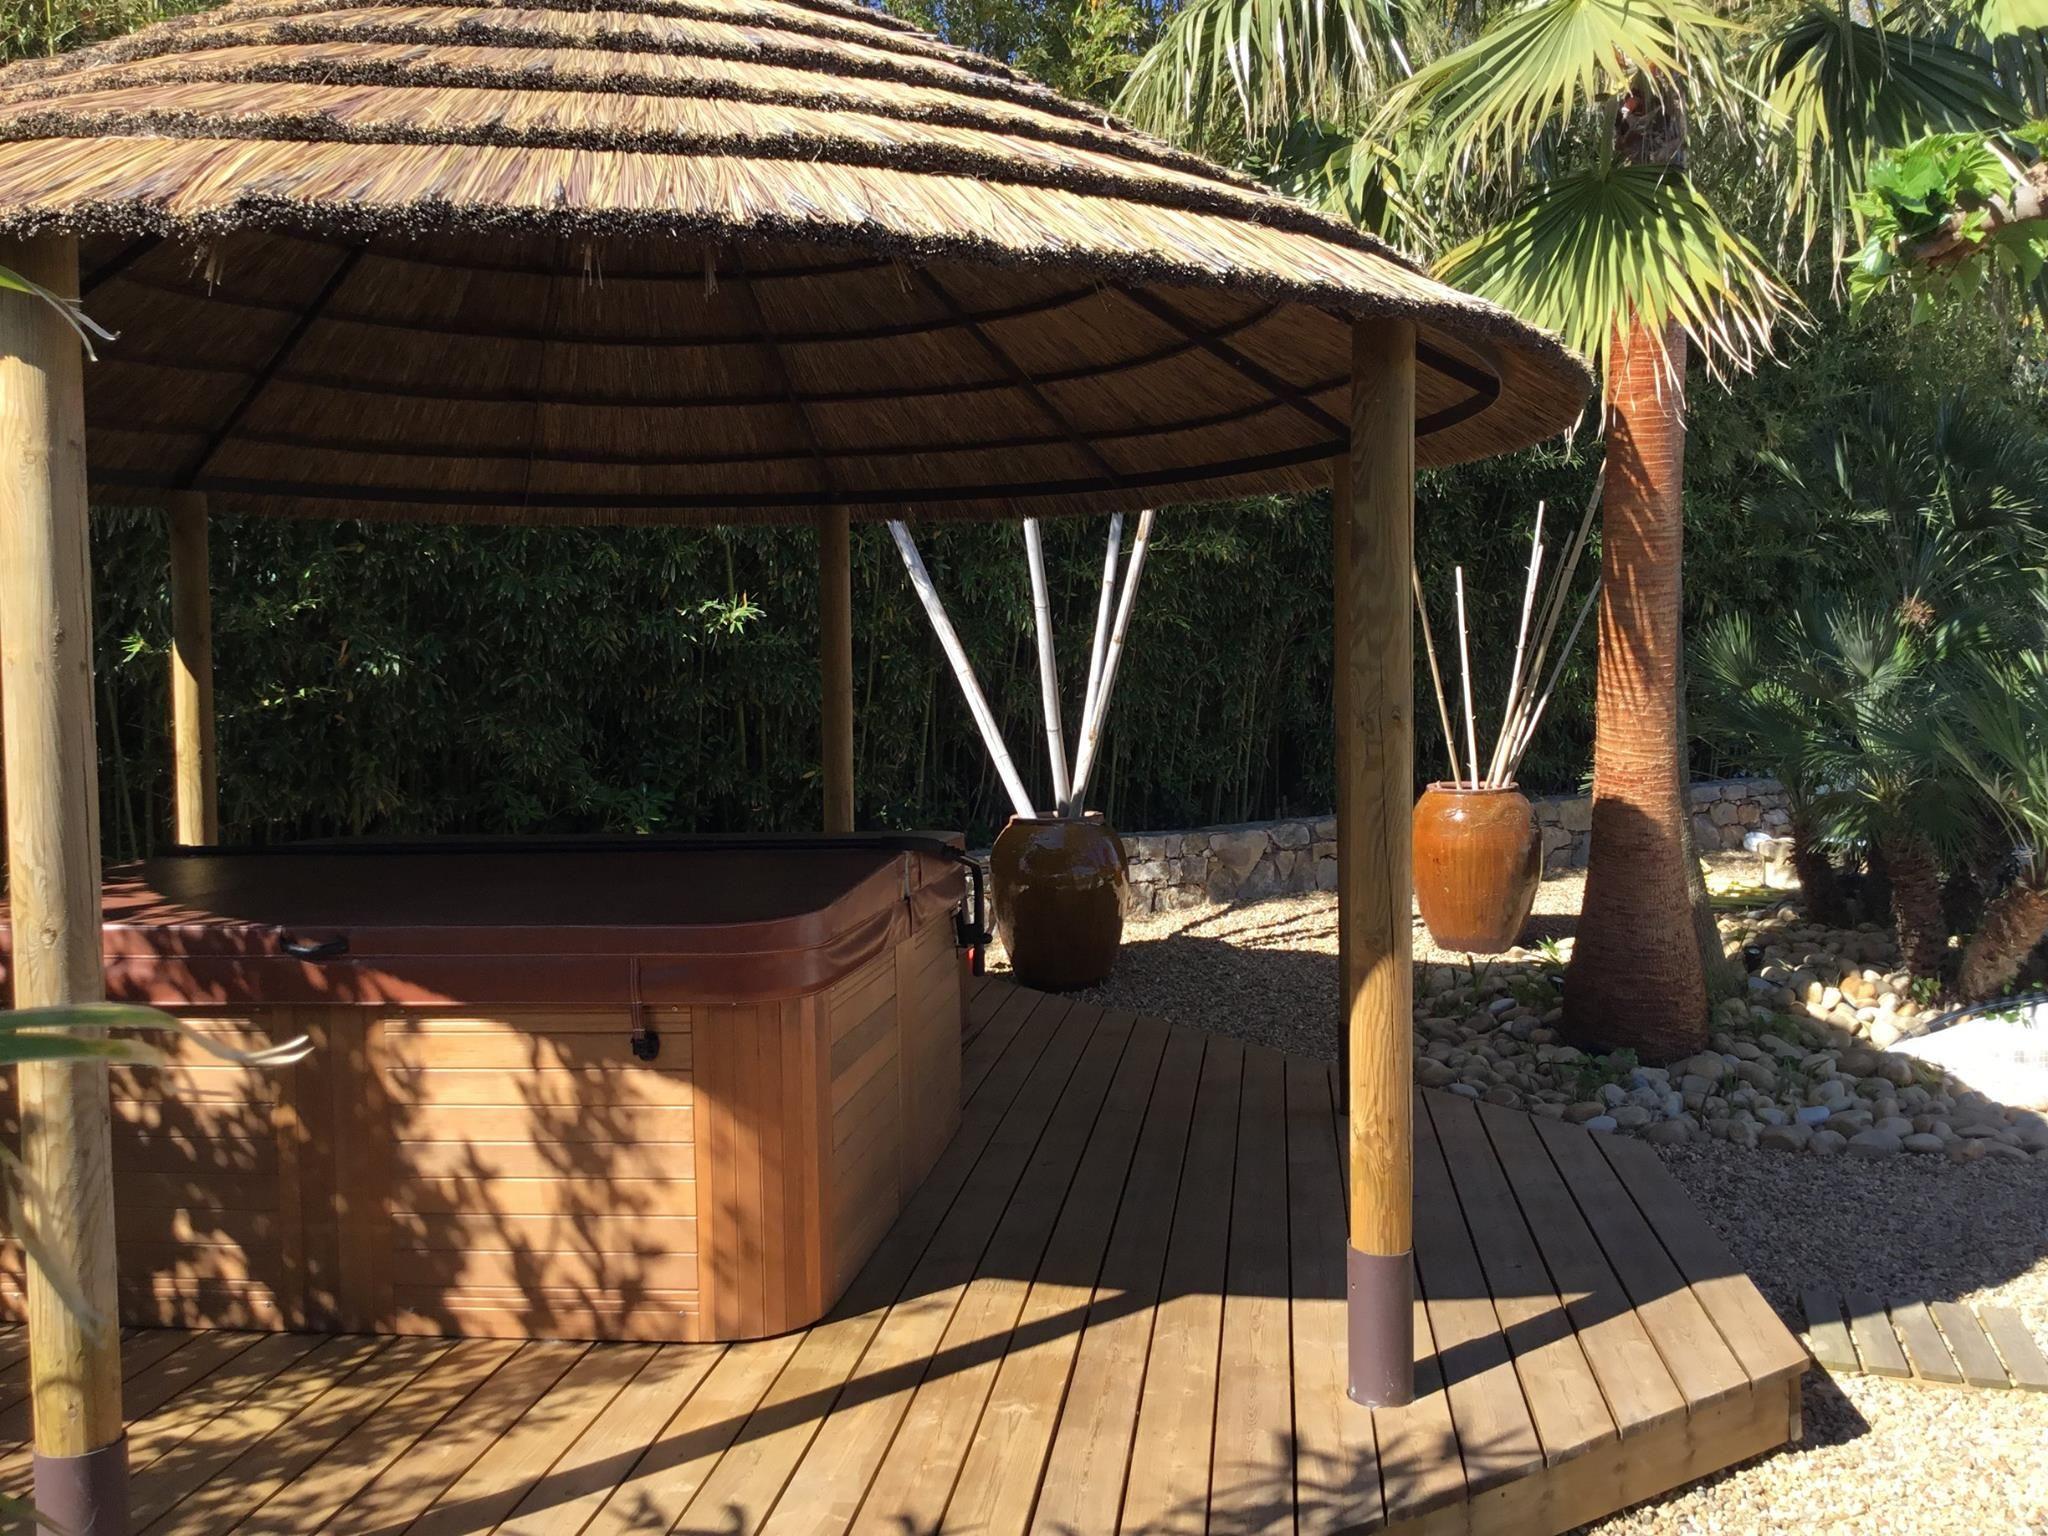 Tiki Hut Exotique Amenagement De Terrasse Et Jacuzzi Paillote Parasol En Paille Tiki Hut